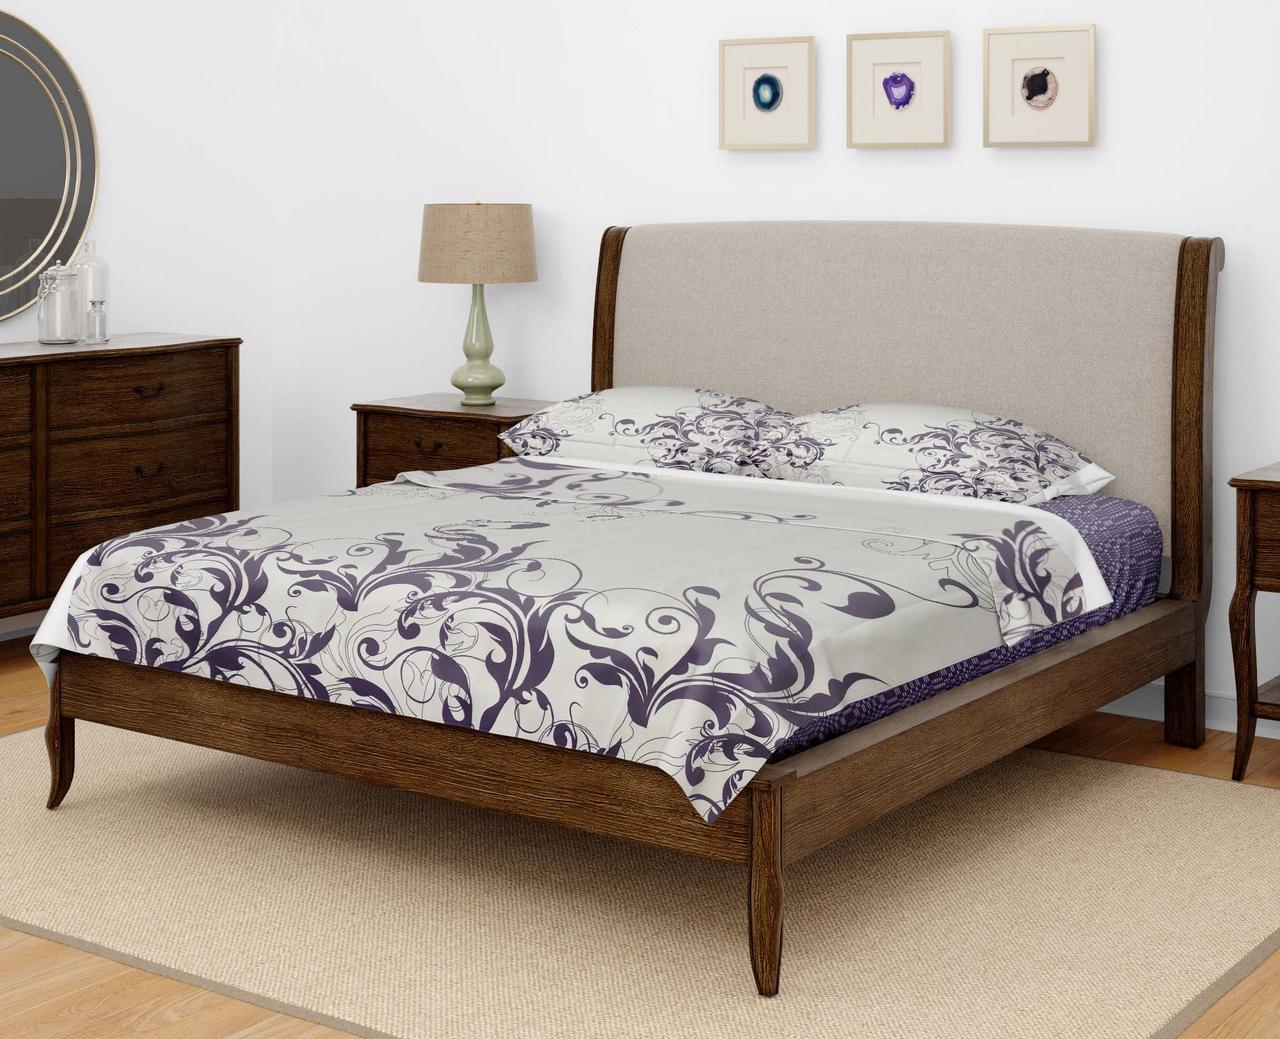 Комплект постельного белья DOTINEM Seni Бязь двуспальный 180х215 (8805-106)